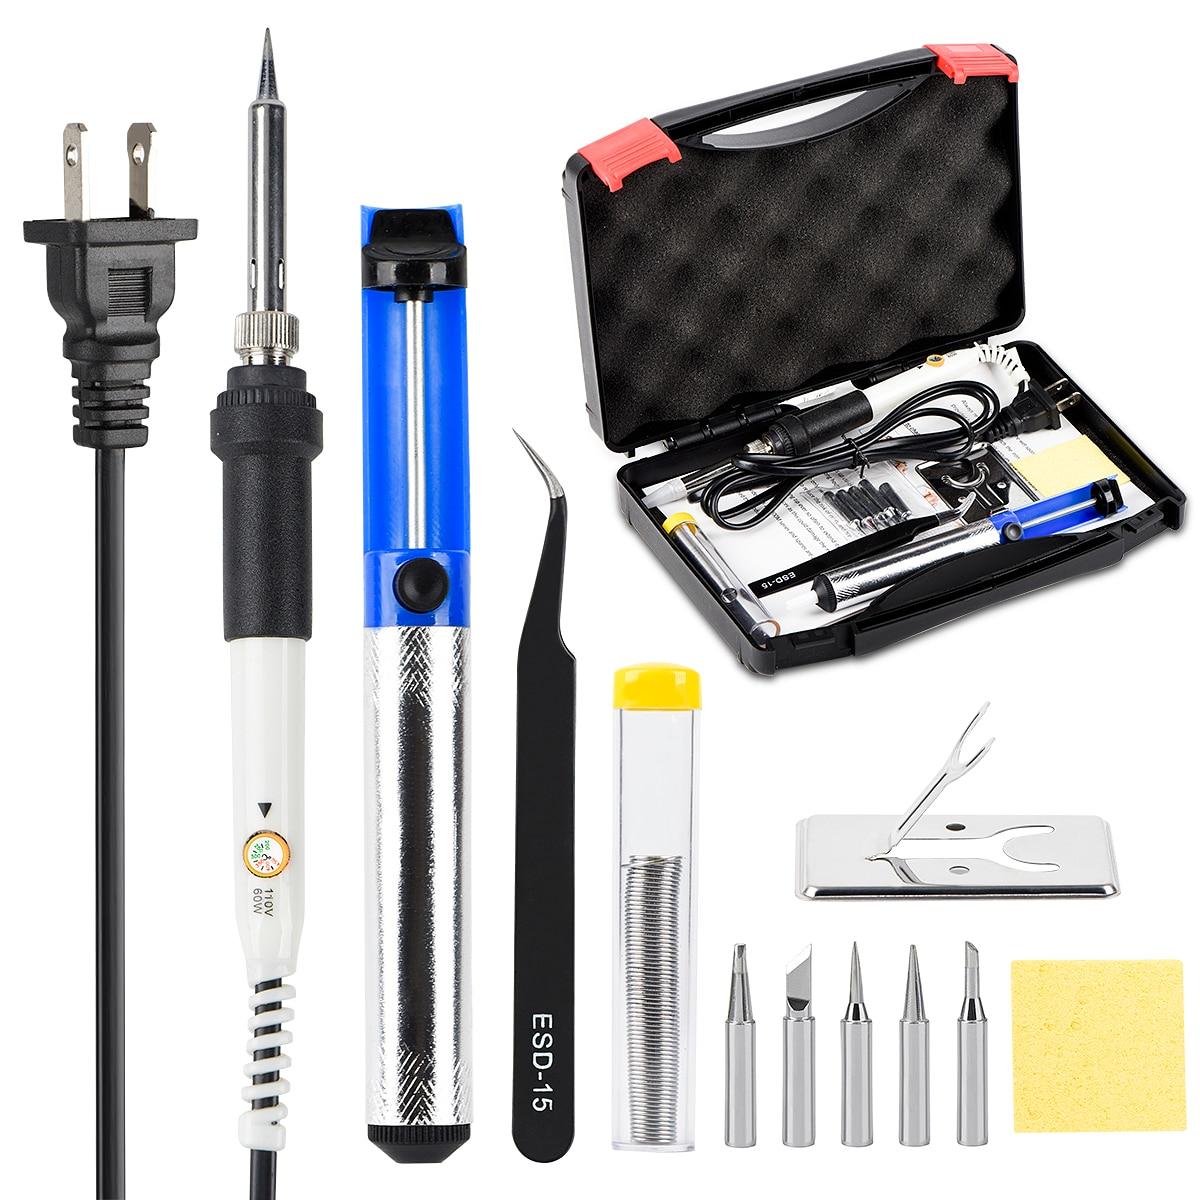 JCD kit Ferro De Solda Elétrica 220V 110V 60W Temperatura Ajustável de solda de solda Retrabalho ferro de solda Stand Titular pontas de arame